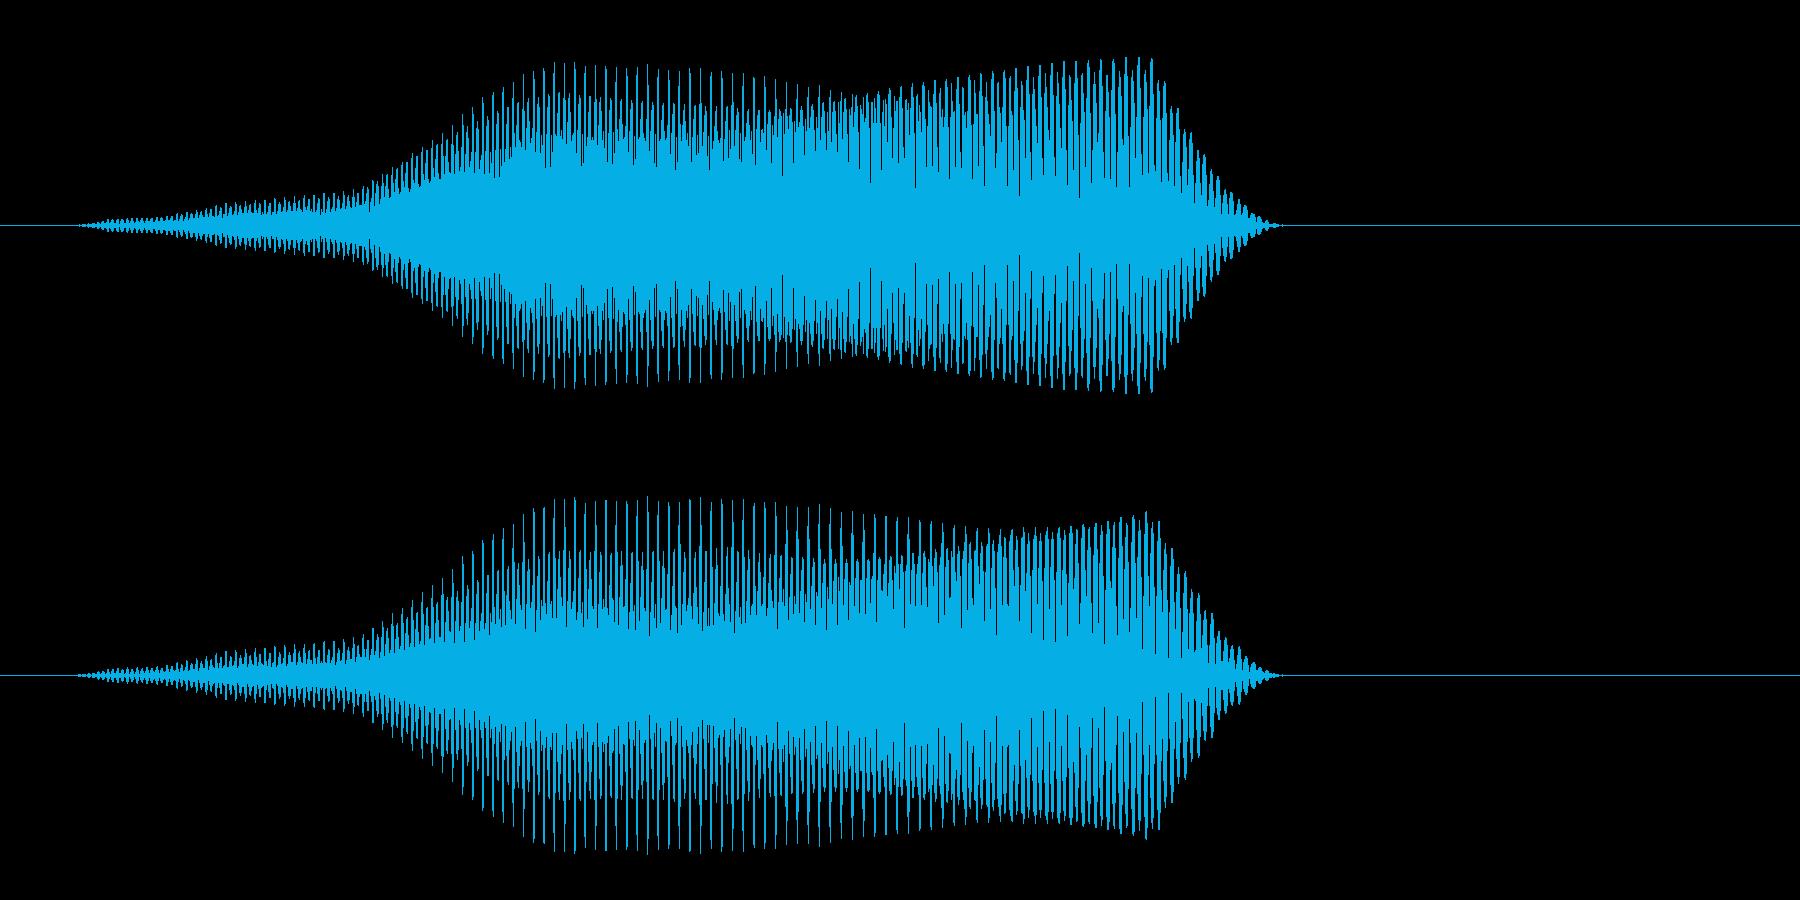 鳴き声をイメージする効果音の再生済みの波形